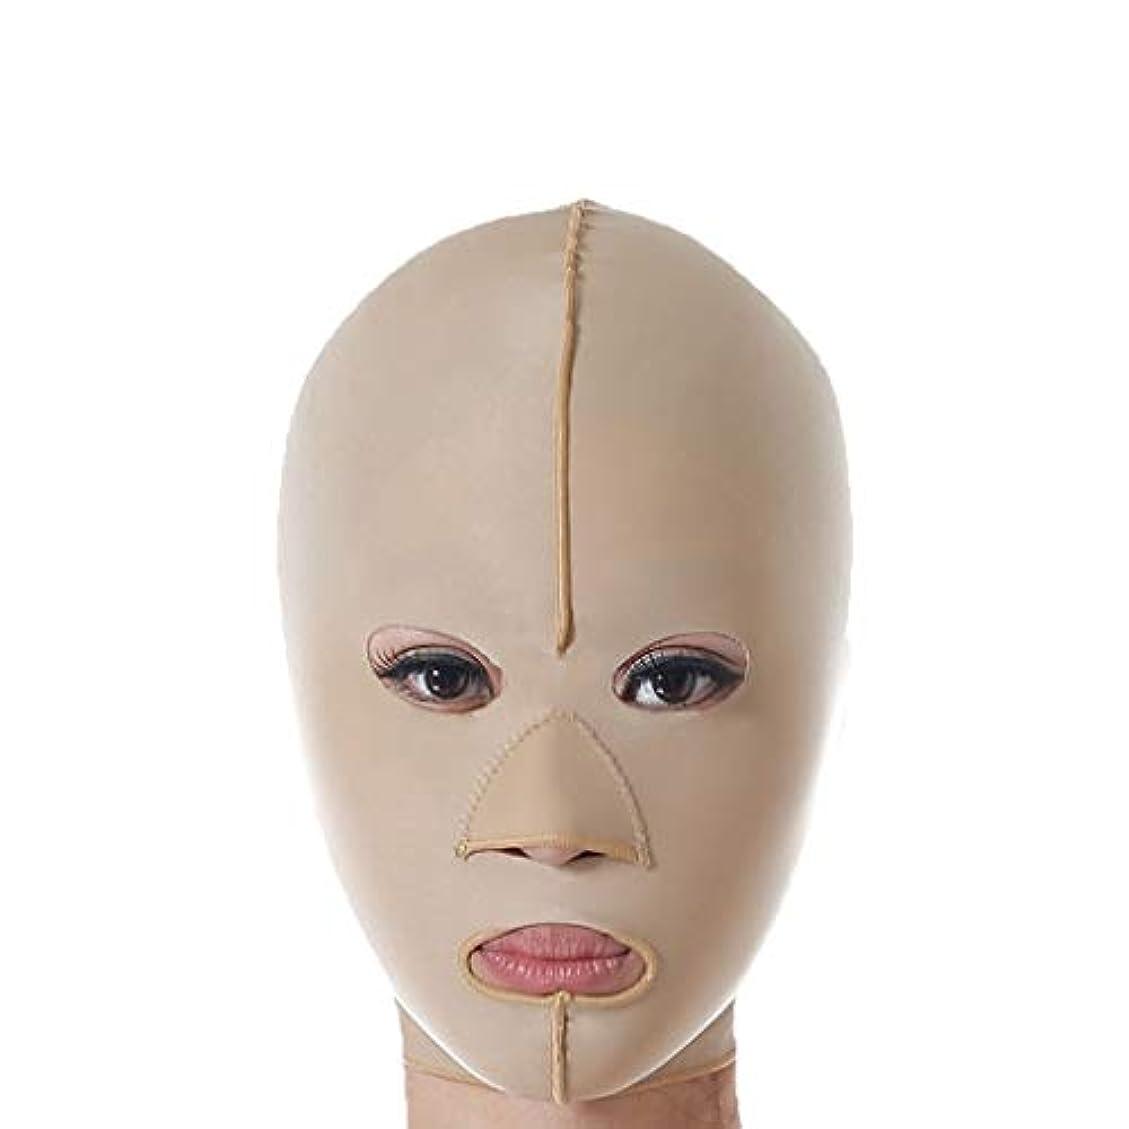 広告する言い訳自慢減量フェイスマスク、リフティング包帯、スリムフェイスリフトリフティングベルト、フェイシャル減量リフティング包帯 (Size : S)